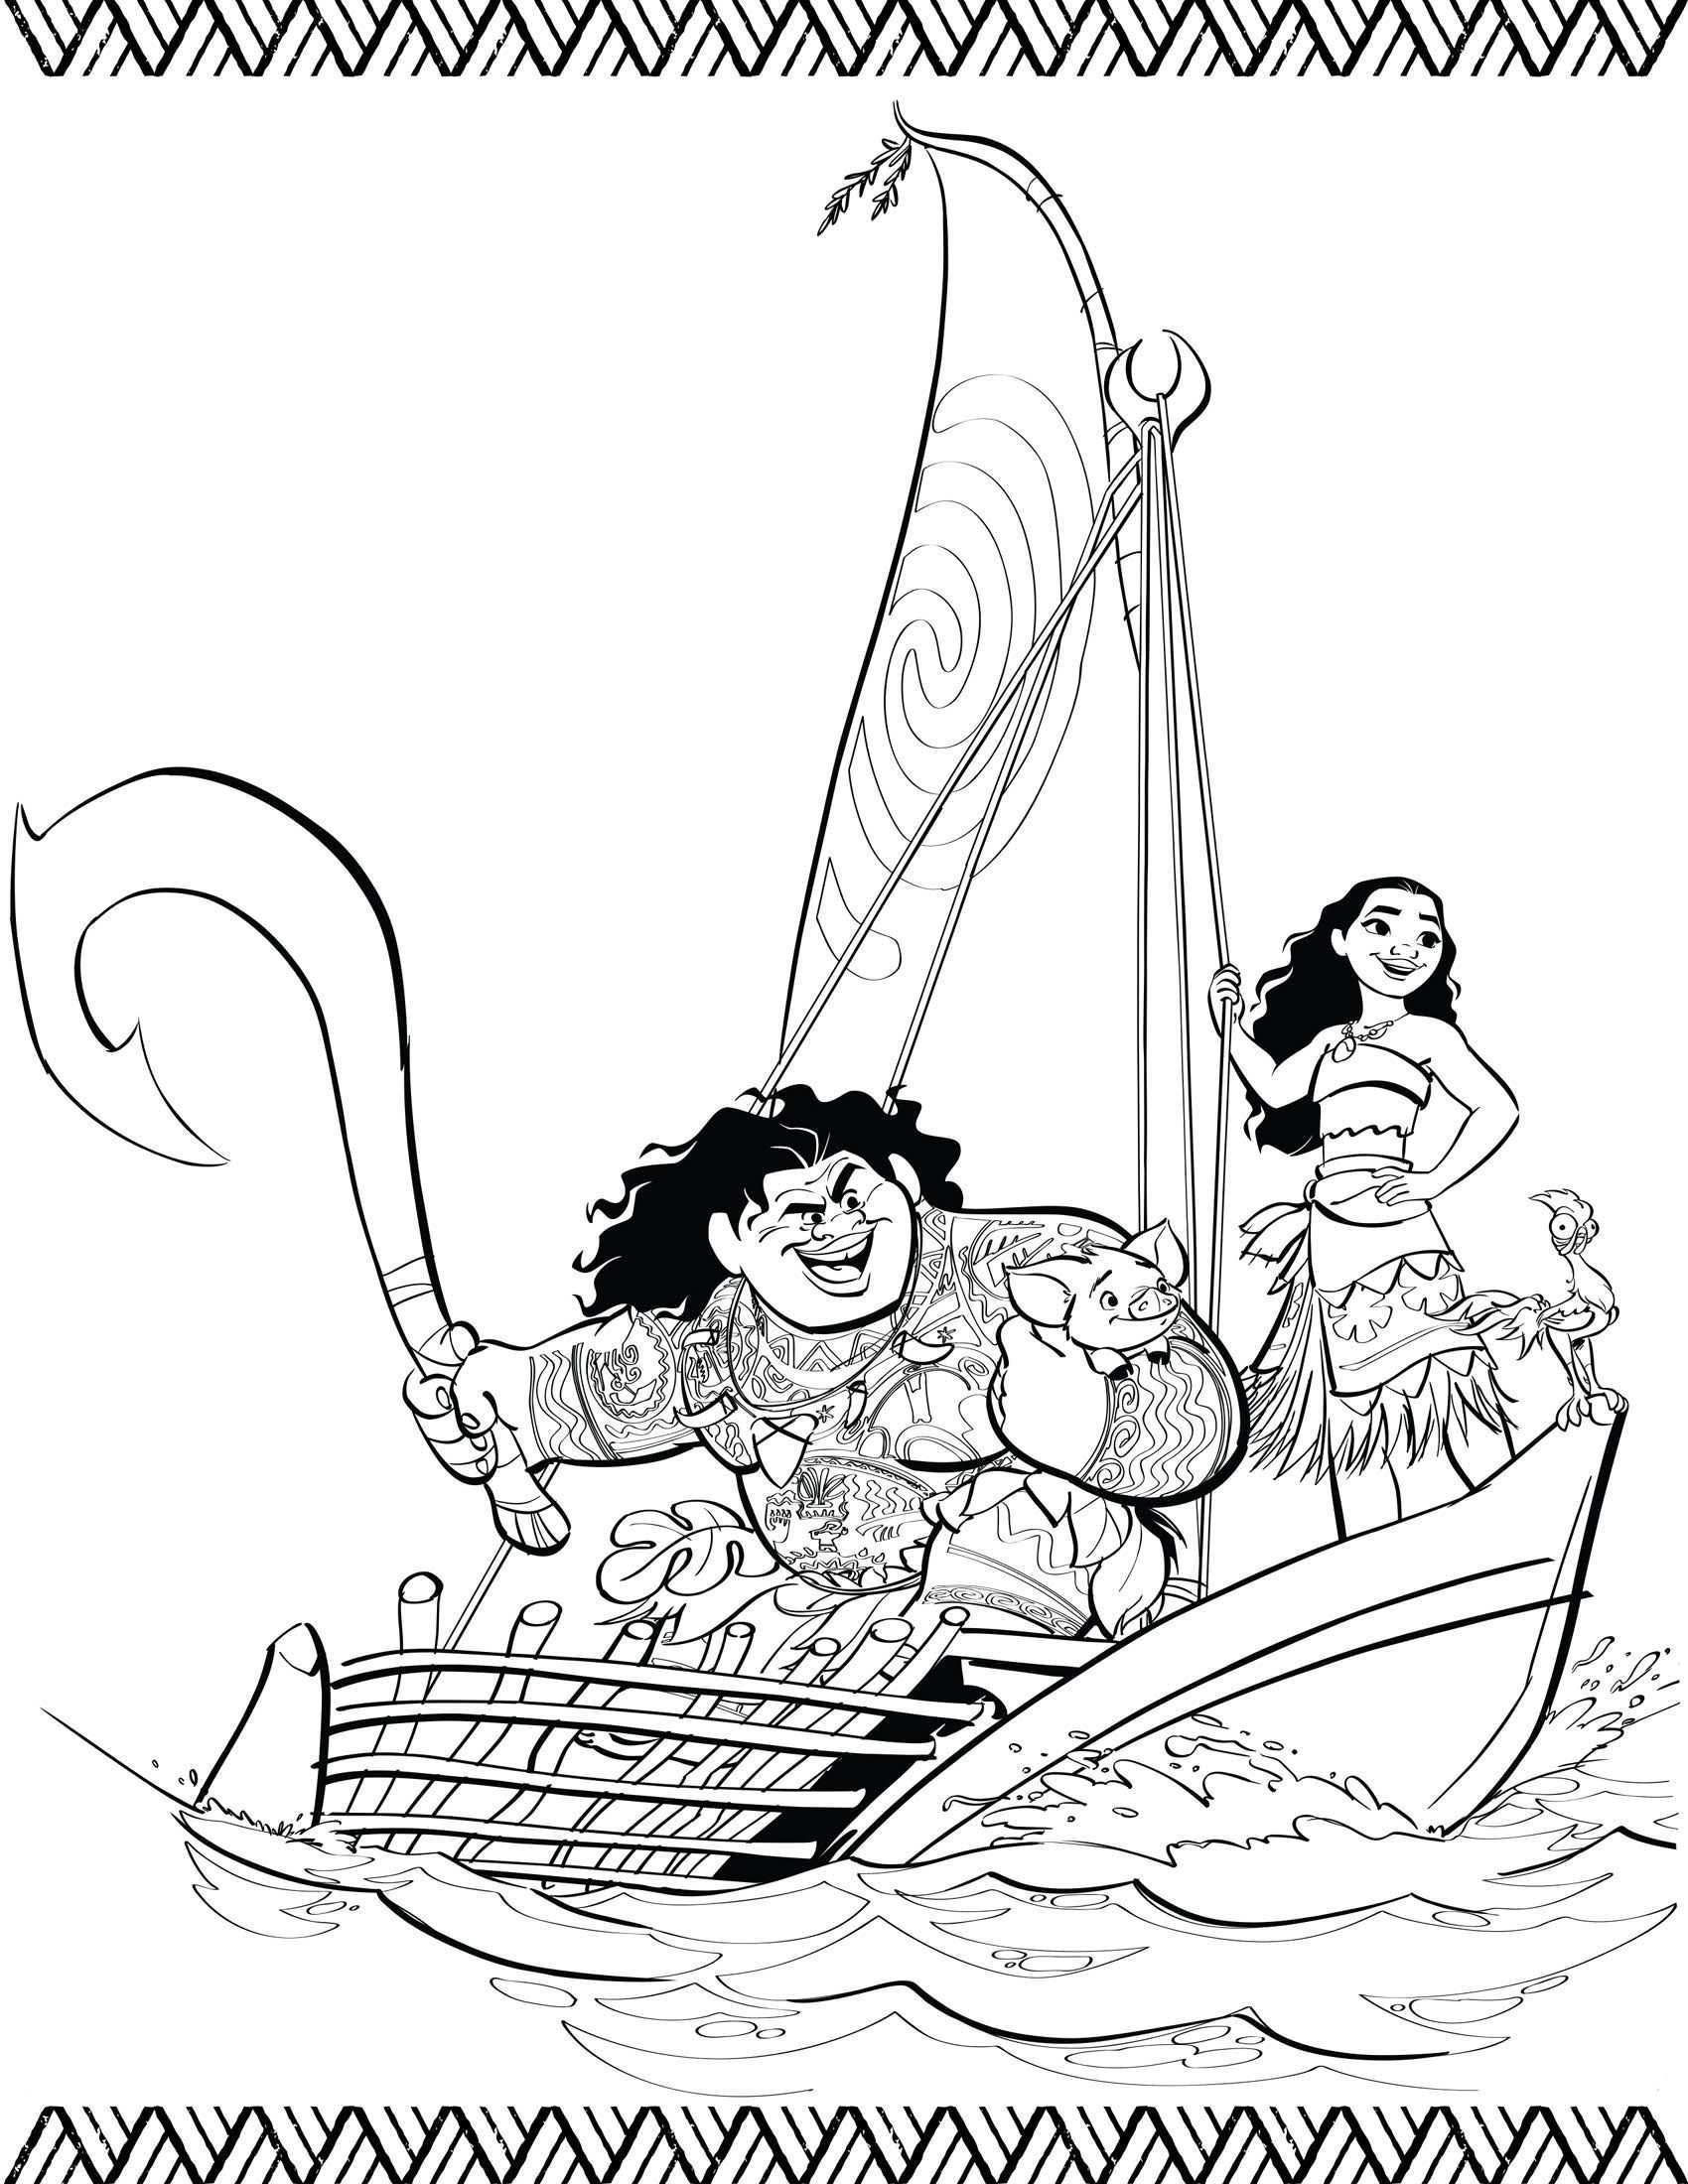 Vaiana Kleurplaat Pua Maui Vaiana In De Boot Kleurplaten Kleurboek Gratis Kleurplaten